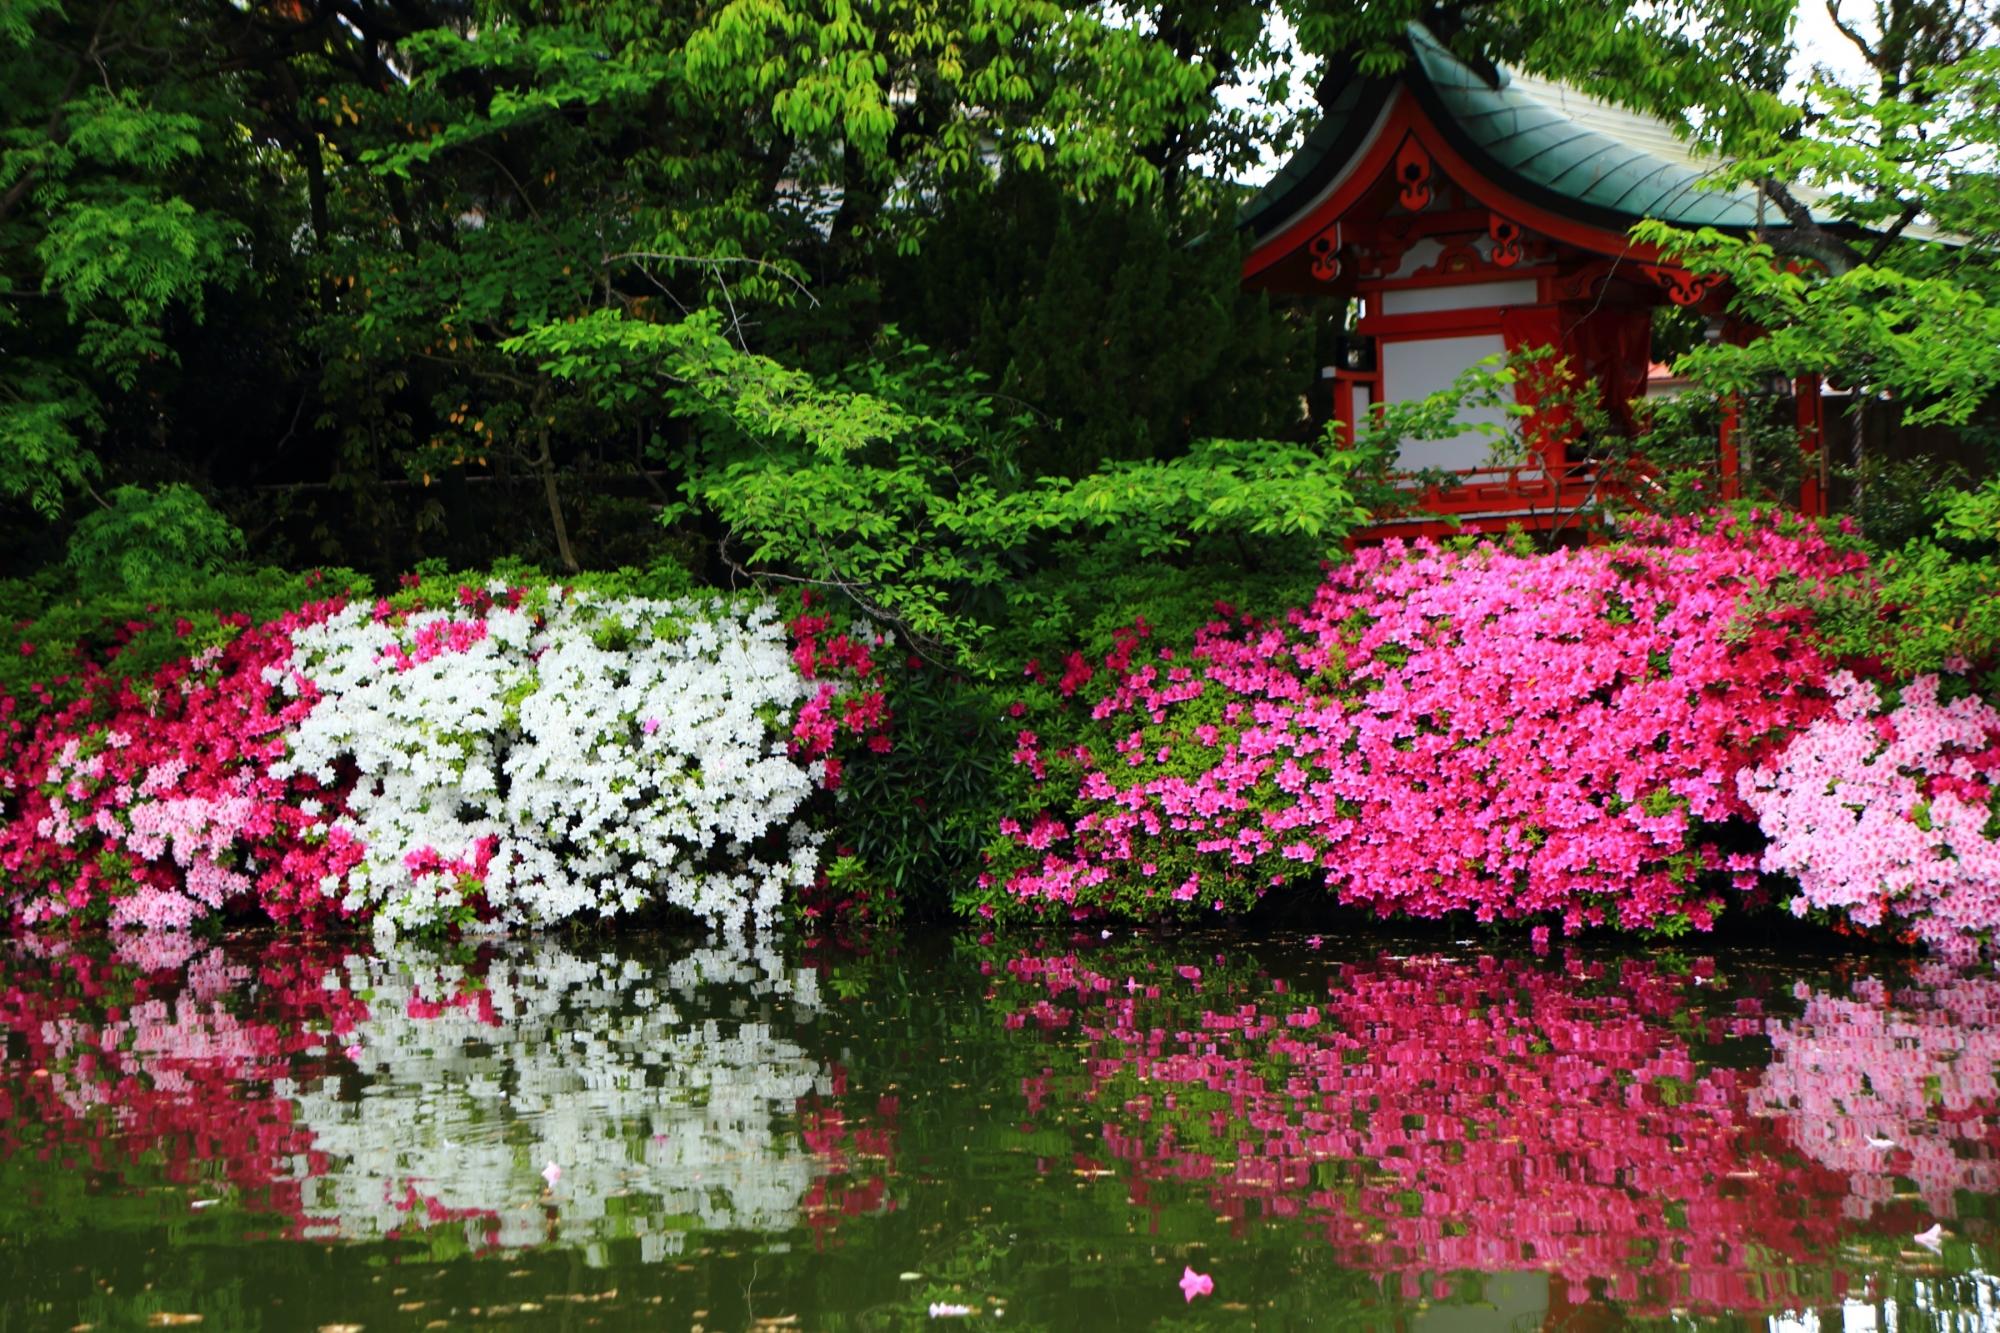 水辺で咲き誇る爽やかな白や鮮やかな紫の様々な色のツツジ